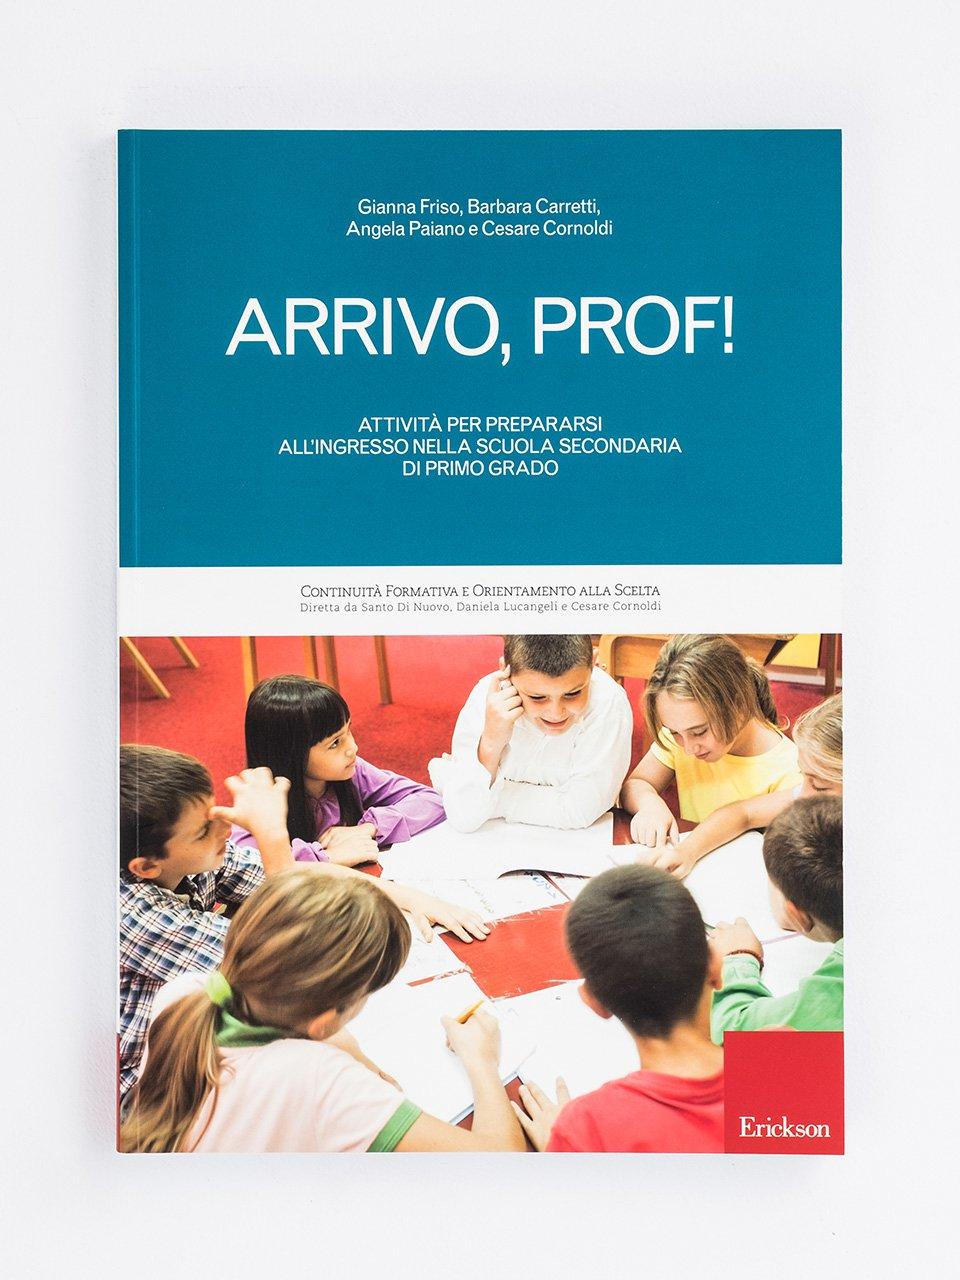 Arrivo, prof! - Le proposte Erickson per i compiti-delle-vacanze - Erickson